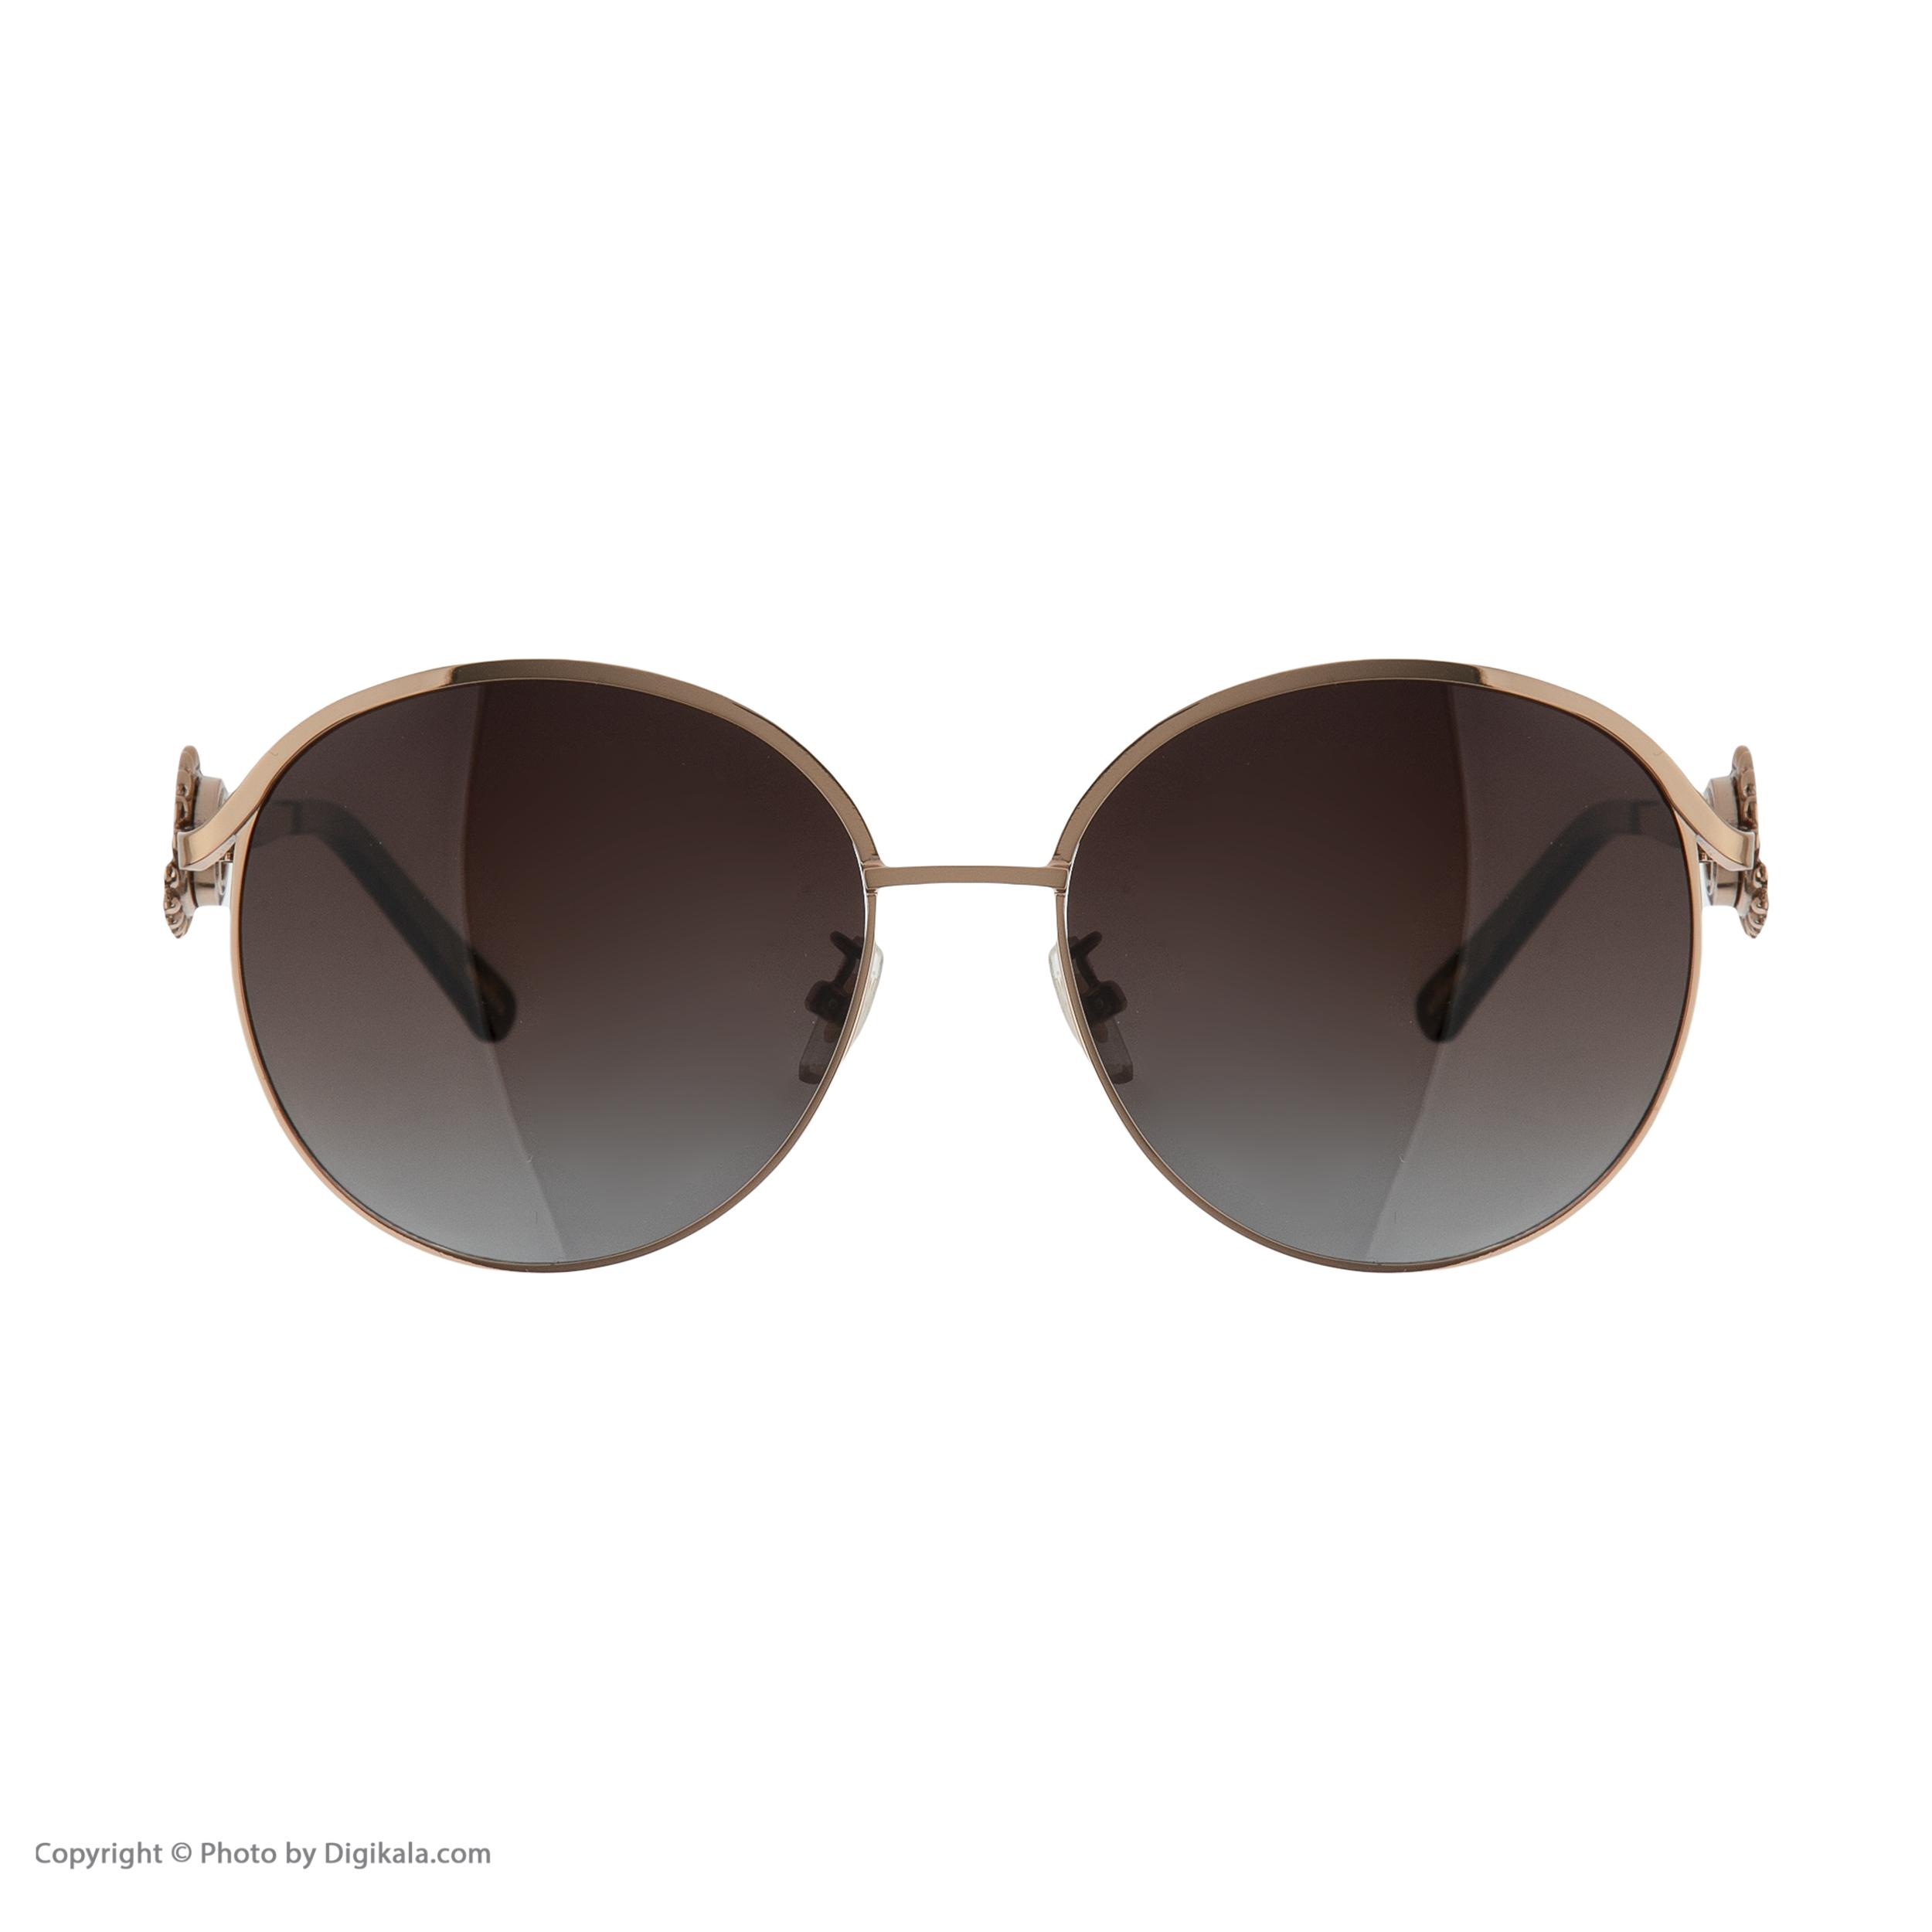 عینک آفتابی زنانه شوپارد مدل 21 -  - 5